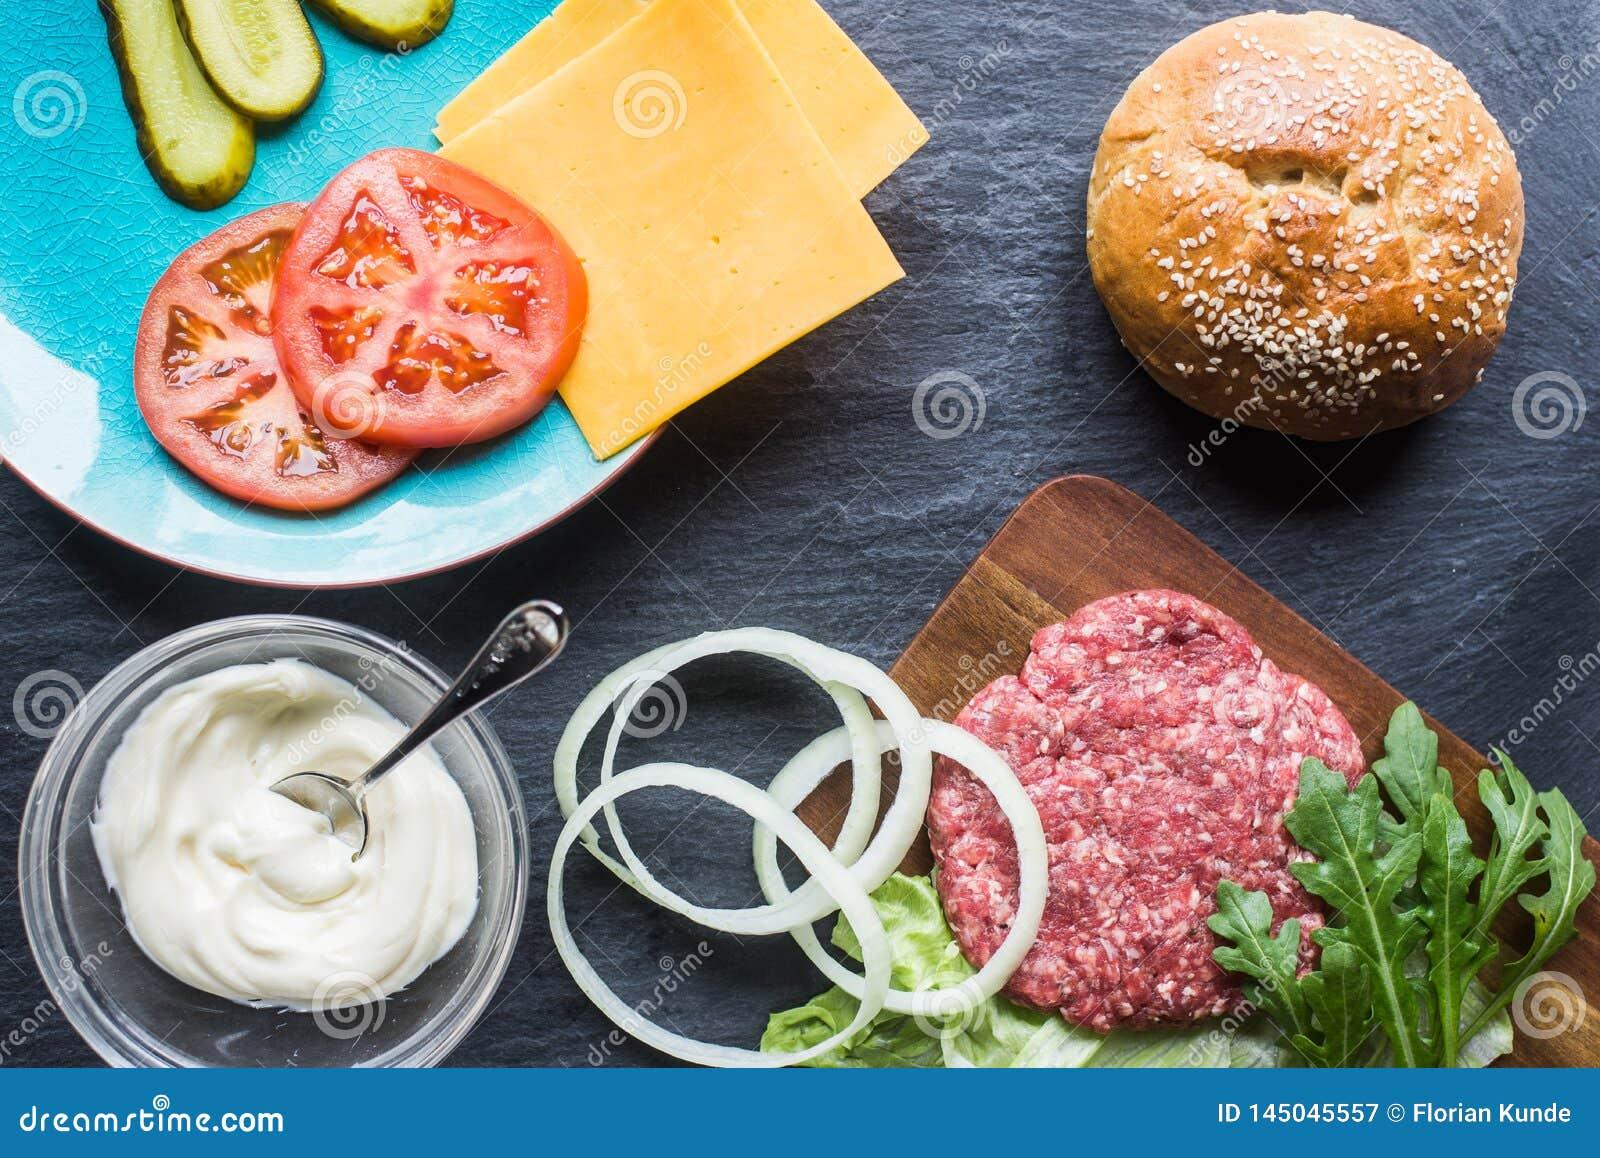 Alles u vereist voor een goede Hamburger